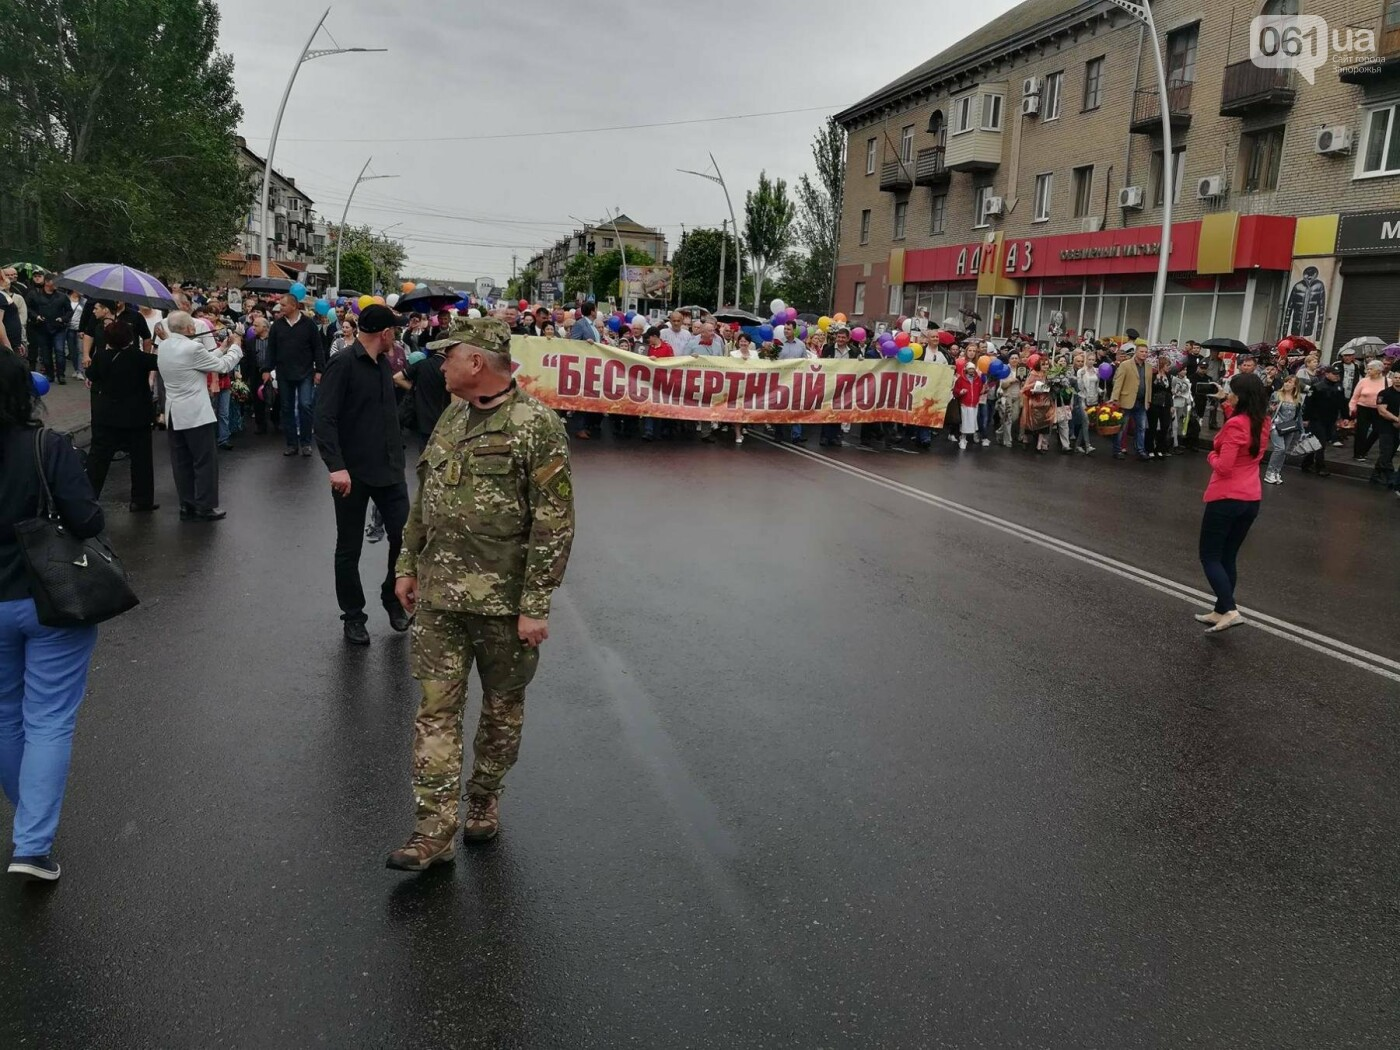 В Мелитополе митинг Балицкого закончился дракой - полиция просила снять георгиевские ленты, - ФОТО, ВИДЕО, фото-16